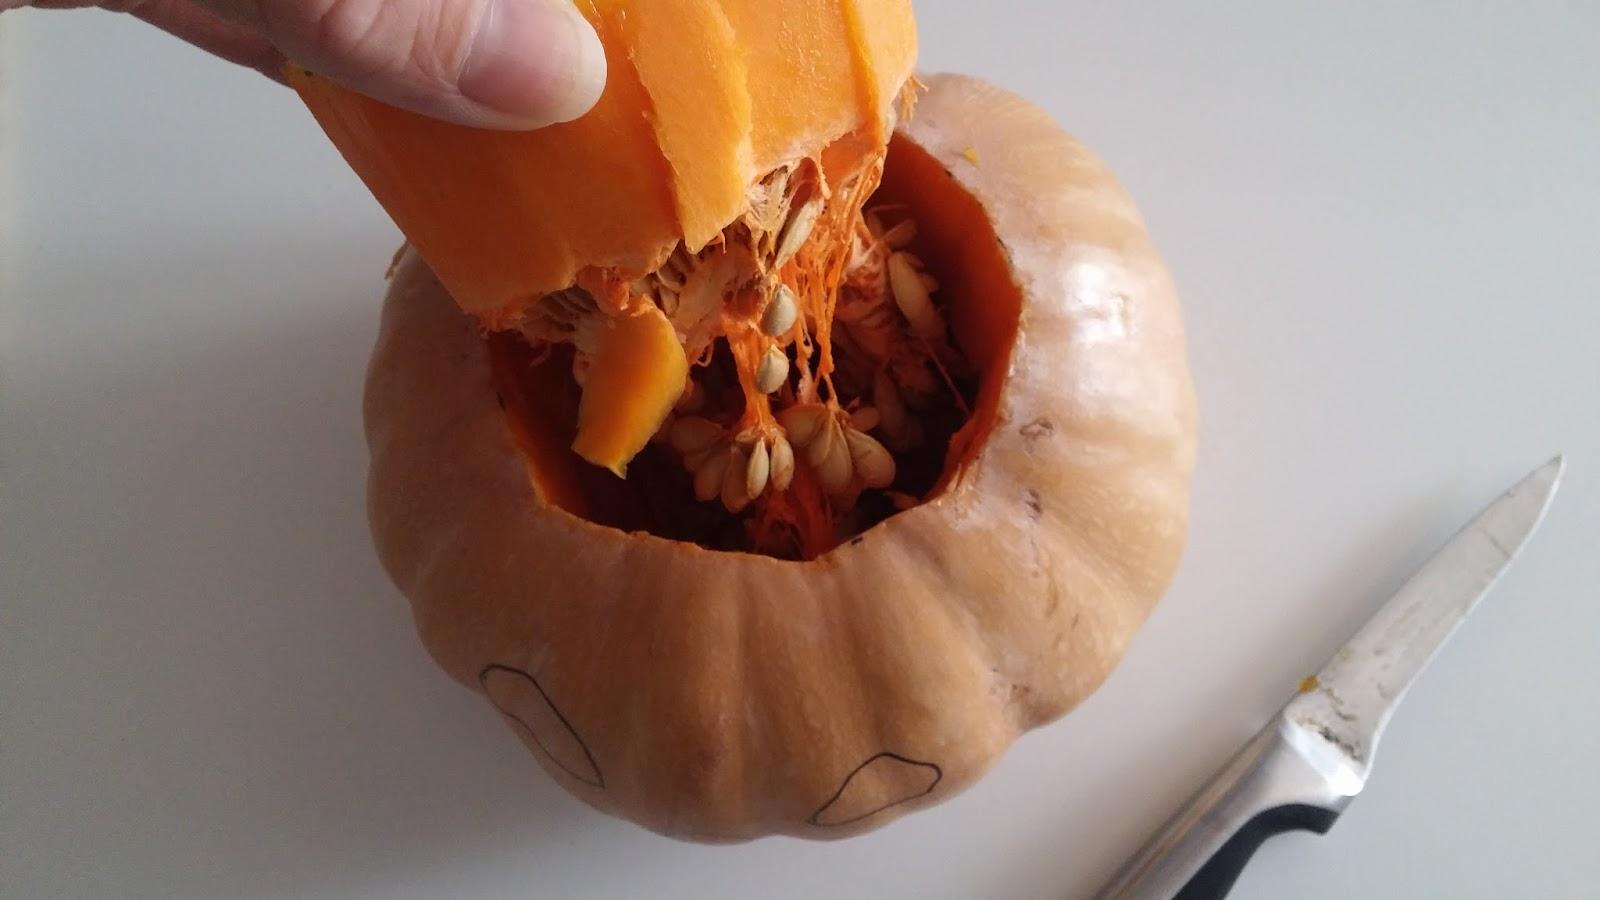 Comment creuser une citrouille d 39 halloween jack o 39 lantern comment r cup rer les graines et que - Comment vider une citrouille ...